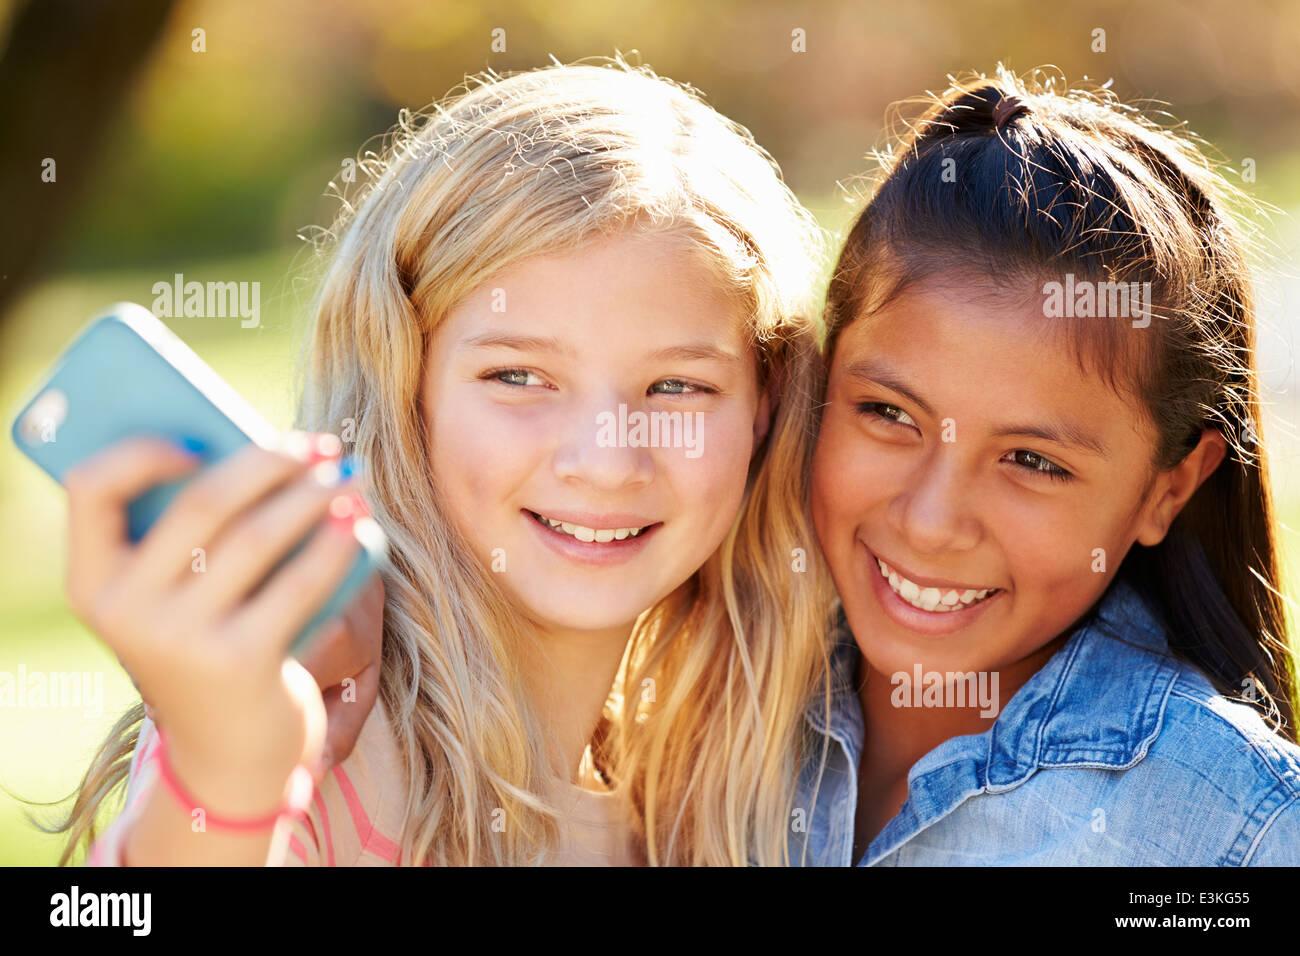 Deux jeunes filles en tenant avec Selfies Téléphone Mobile Photo Stock